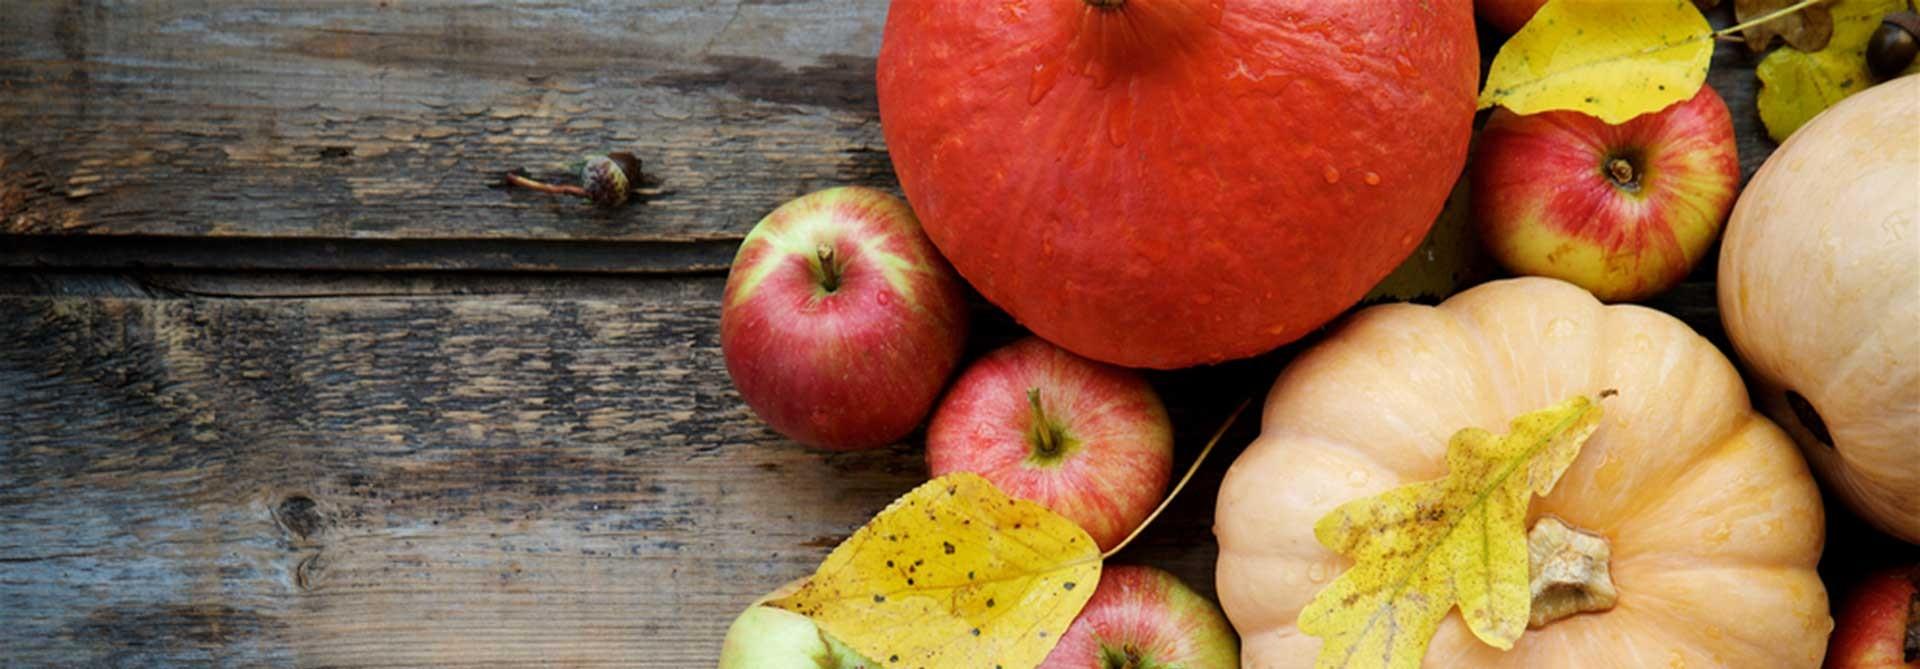 buoni alimenti ecologici naturali